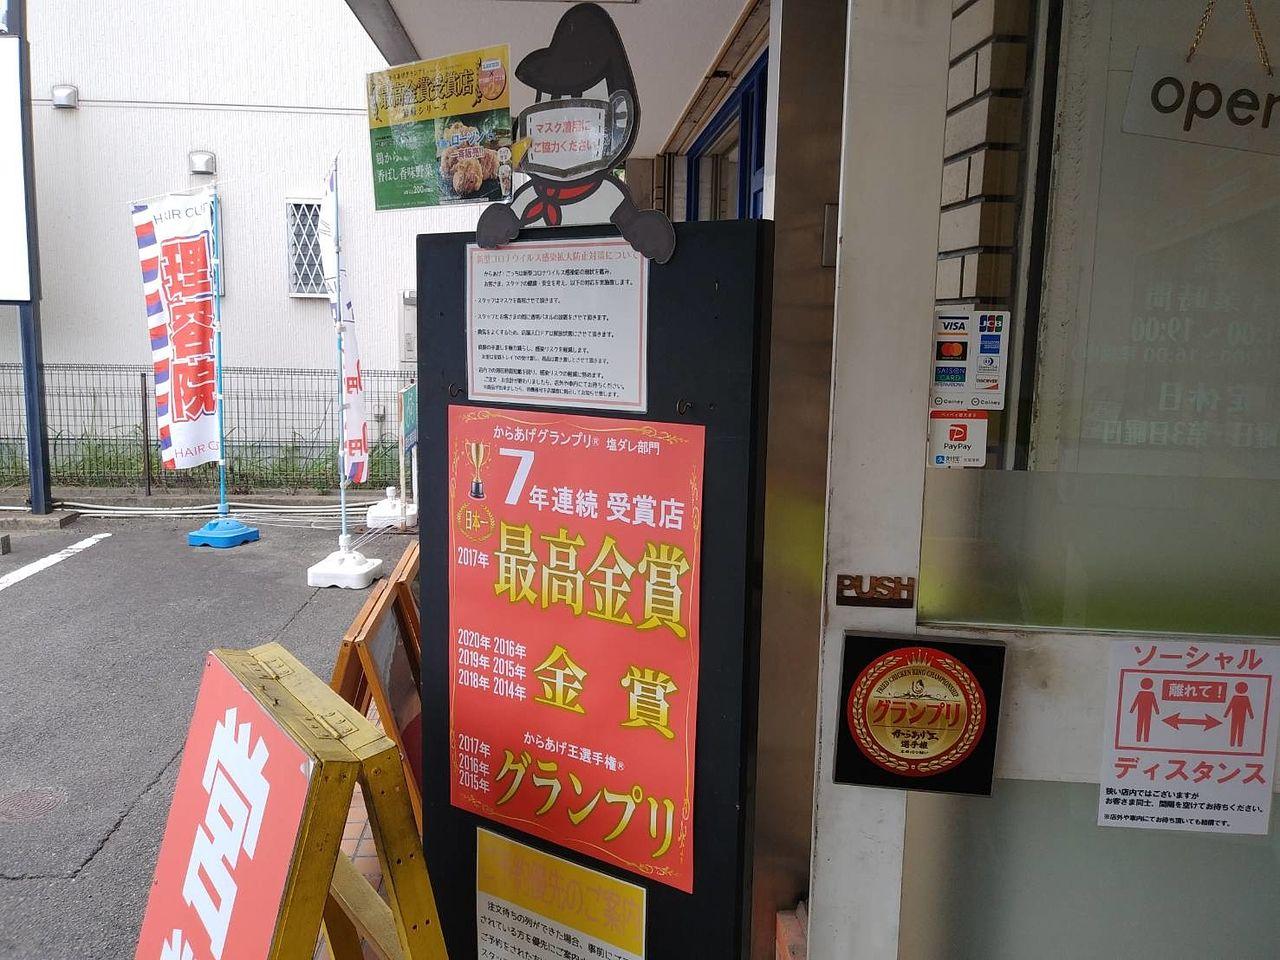 日本全国の並みいる有名店を押しのけての最高金賞受賞は快挙です!